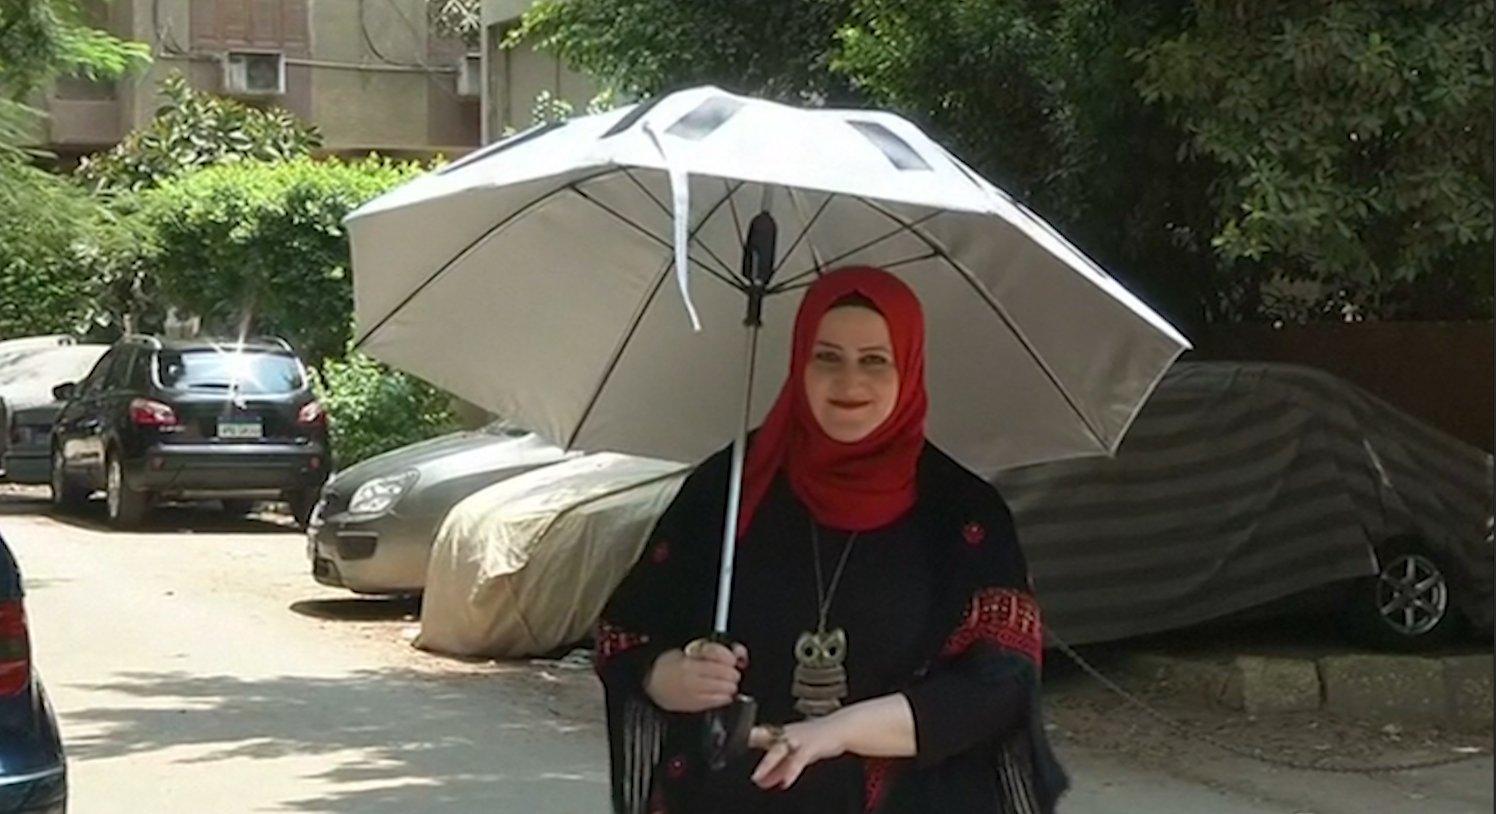 solar powered umbrella offers pilgrims relief